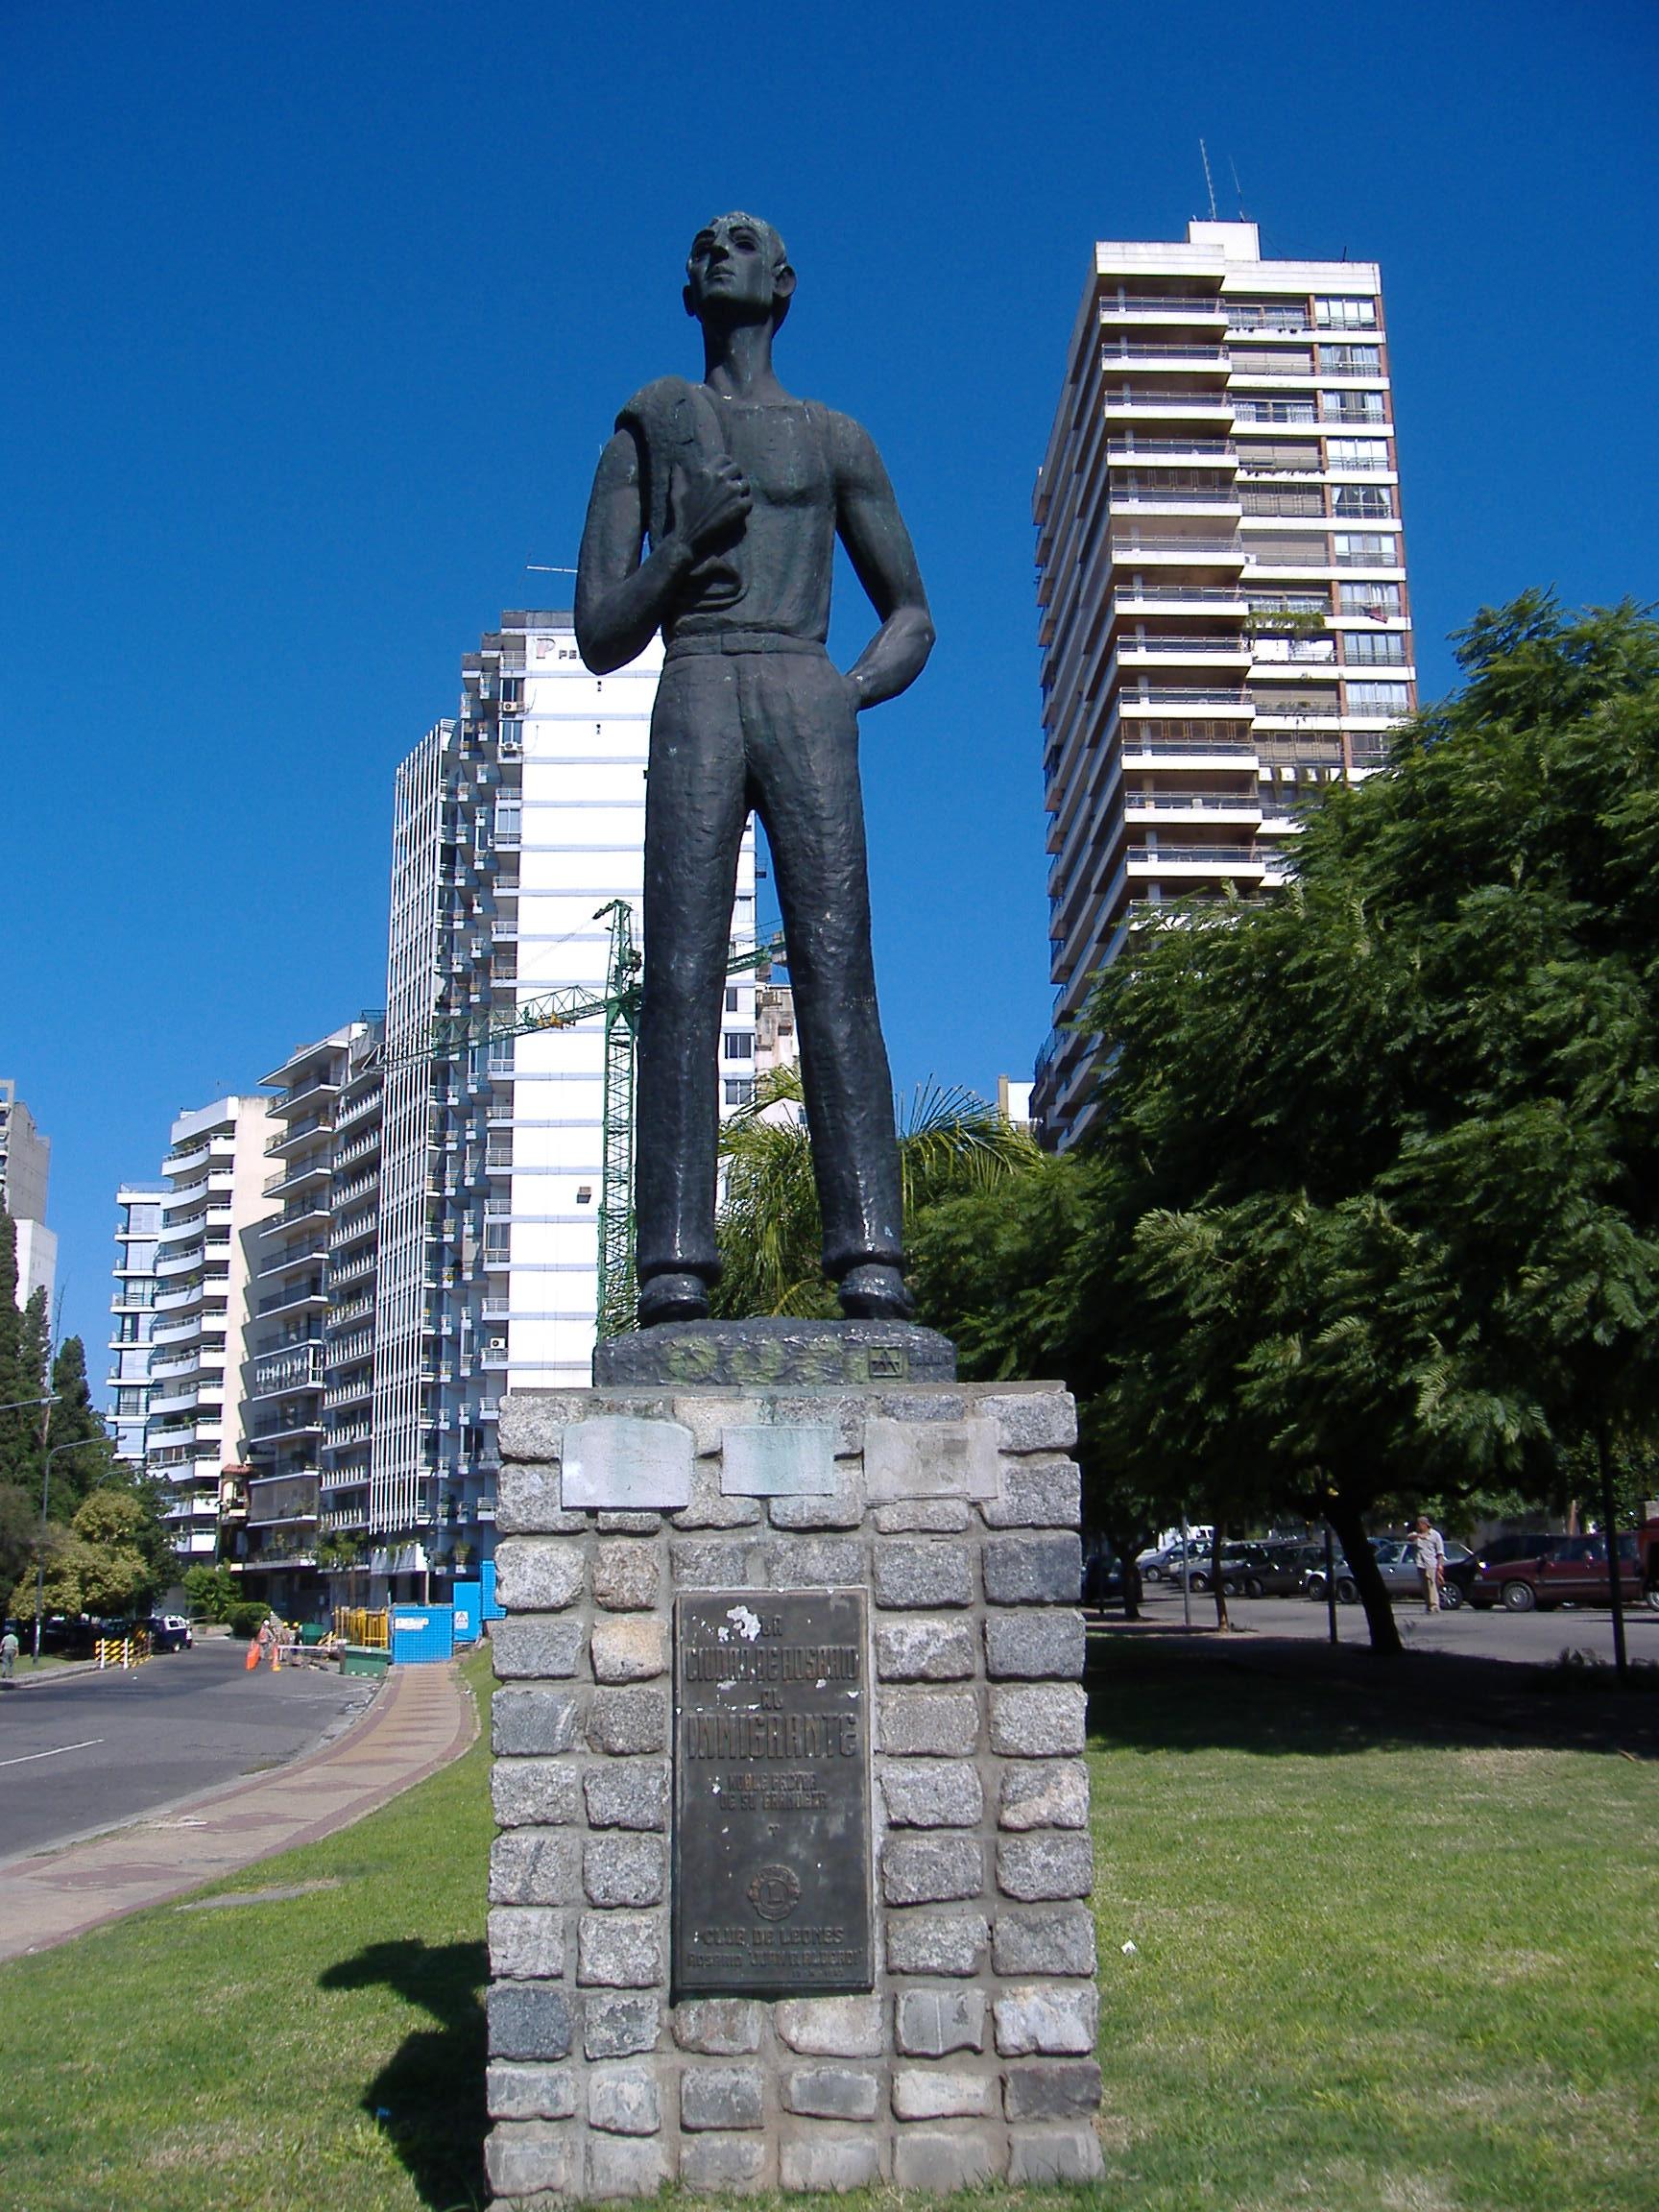 argentine of croatian descent